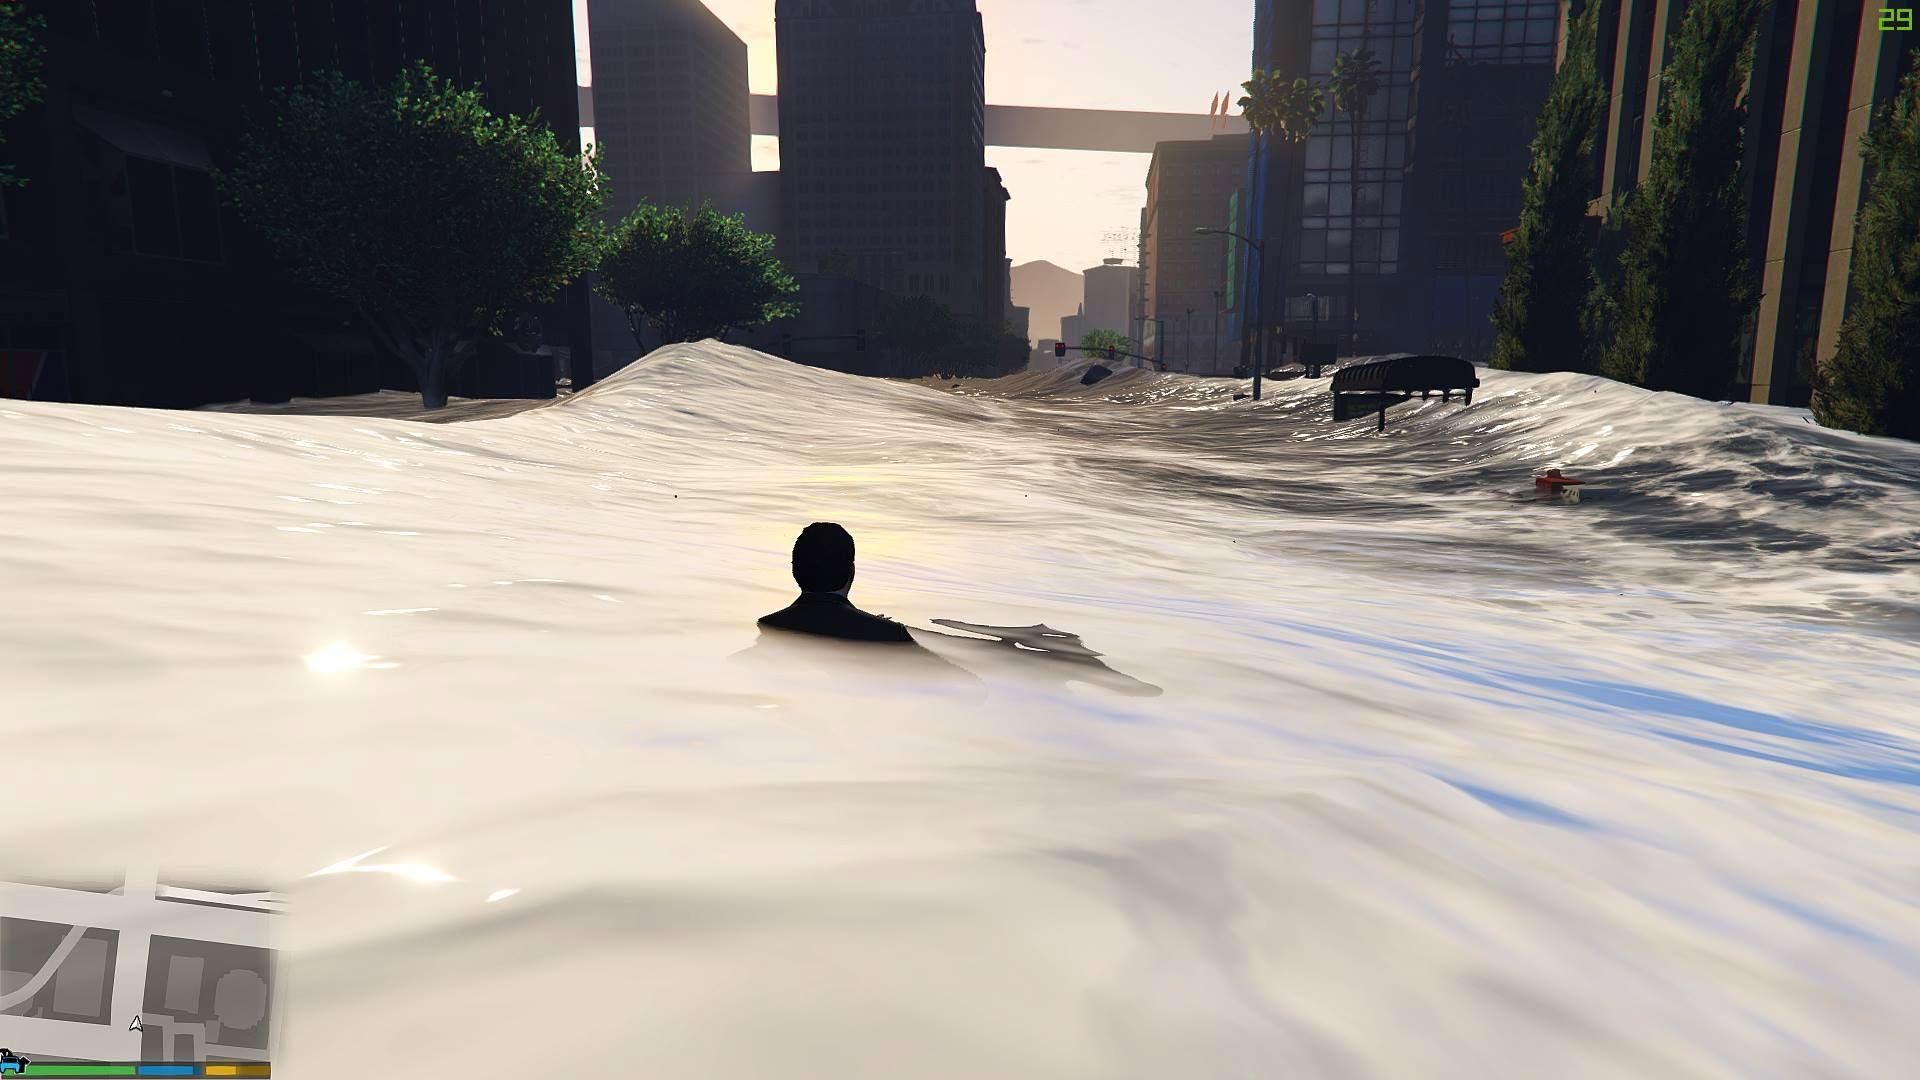 Mody do GTA V - tsunami w Los Santos.